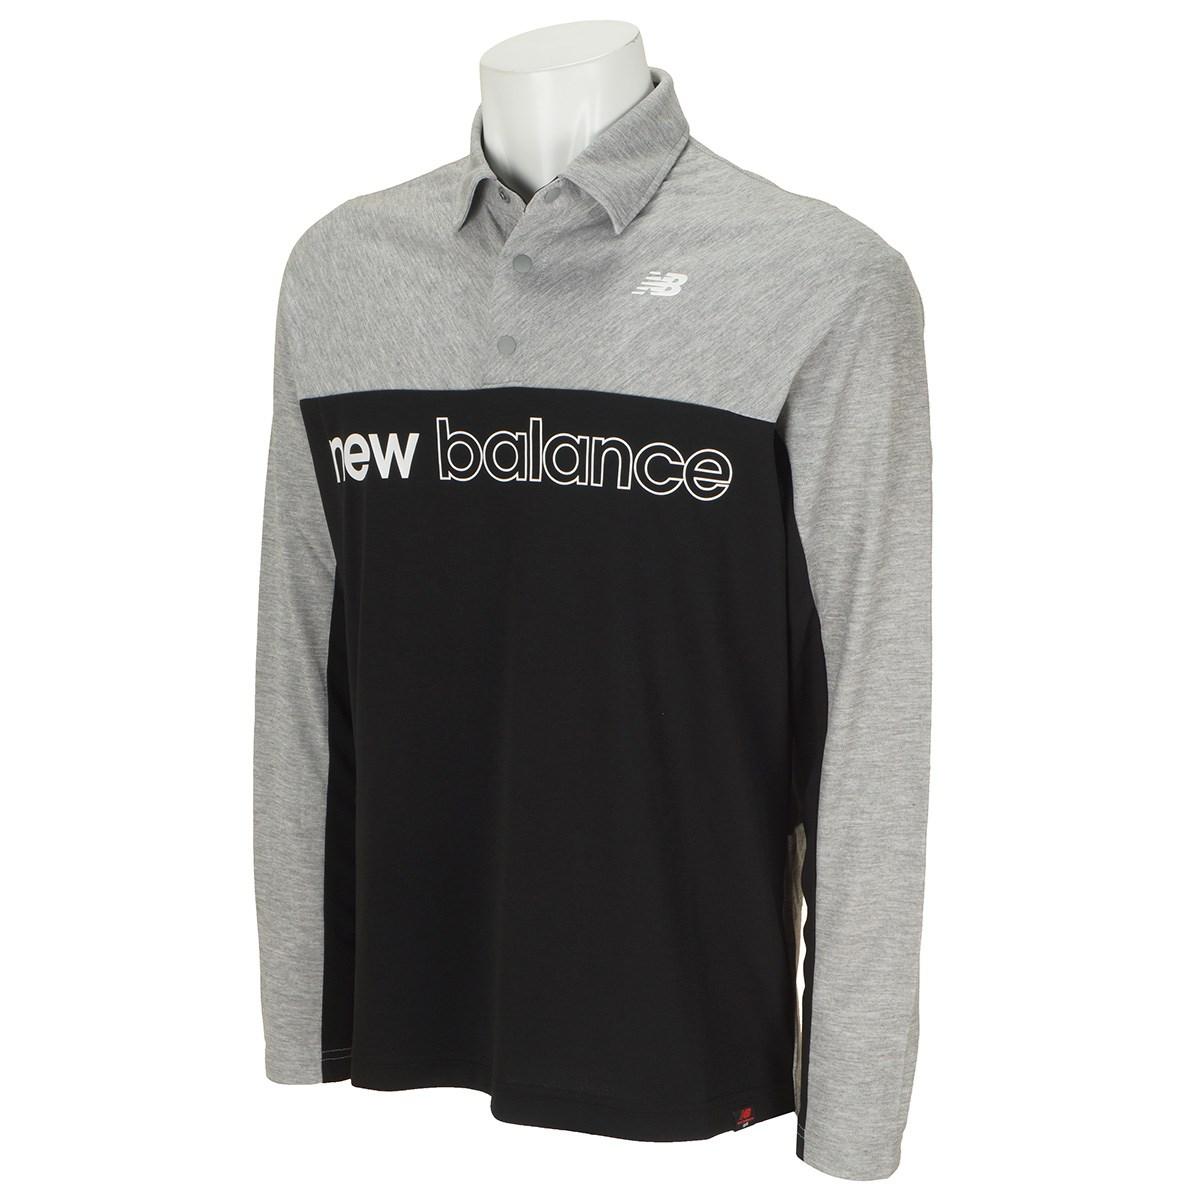 ニューバランス New Balance SPORT カラー 長袖ポロシャツ 4 グレー 020